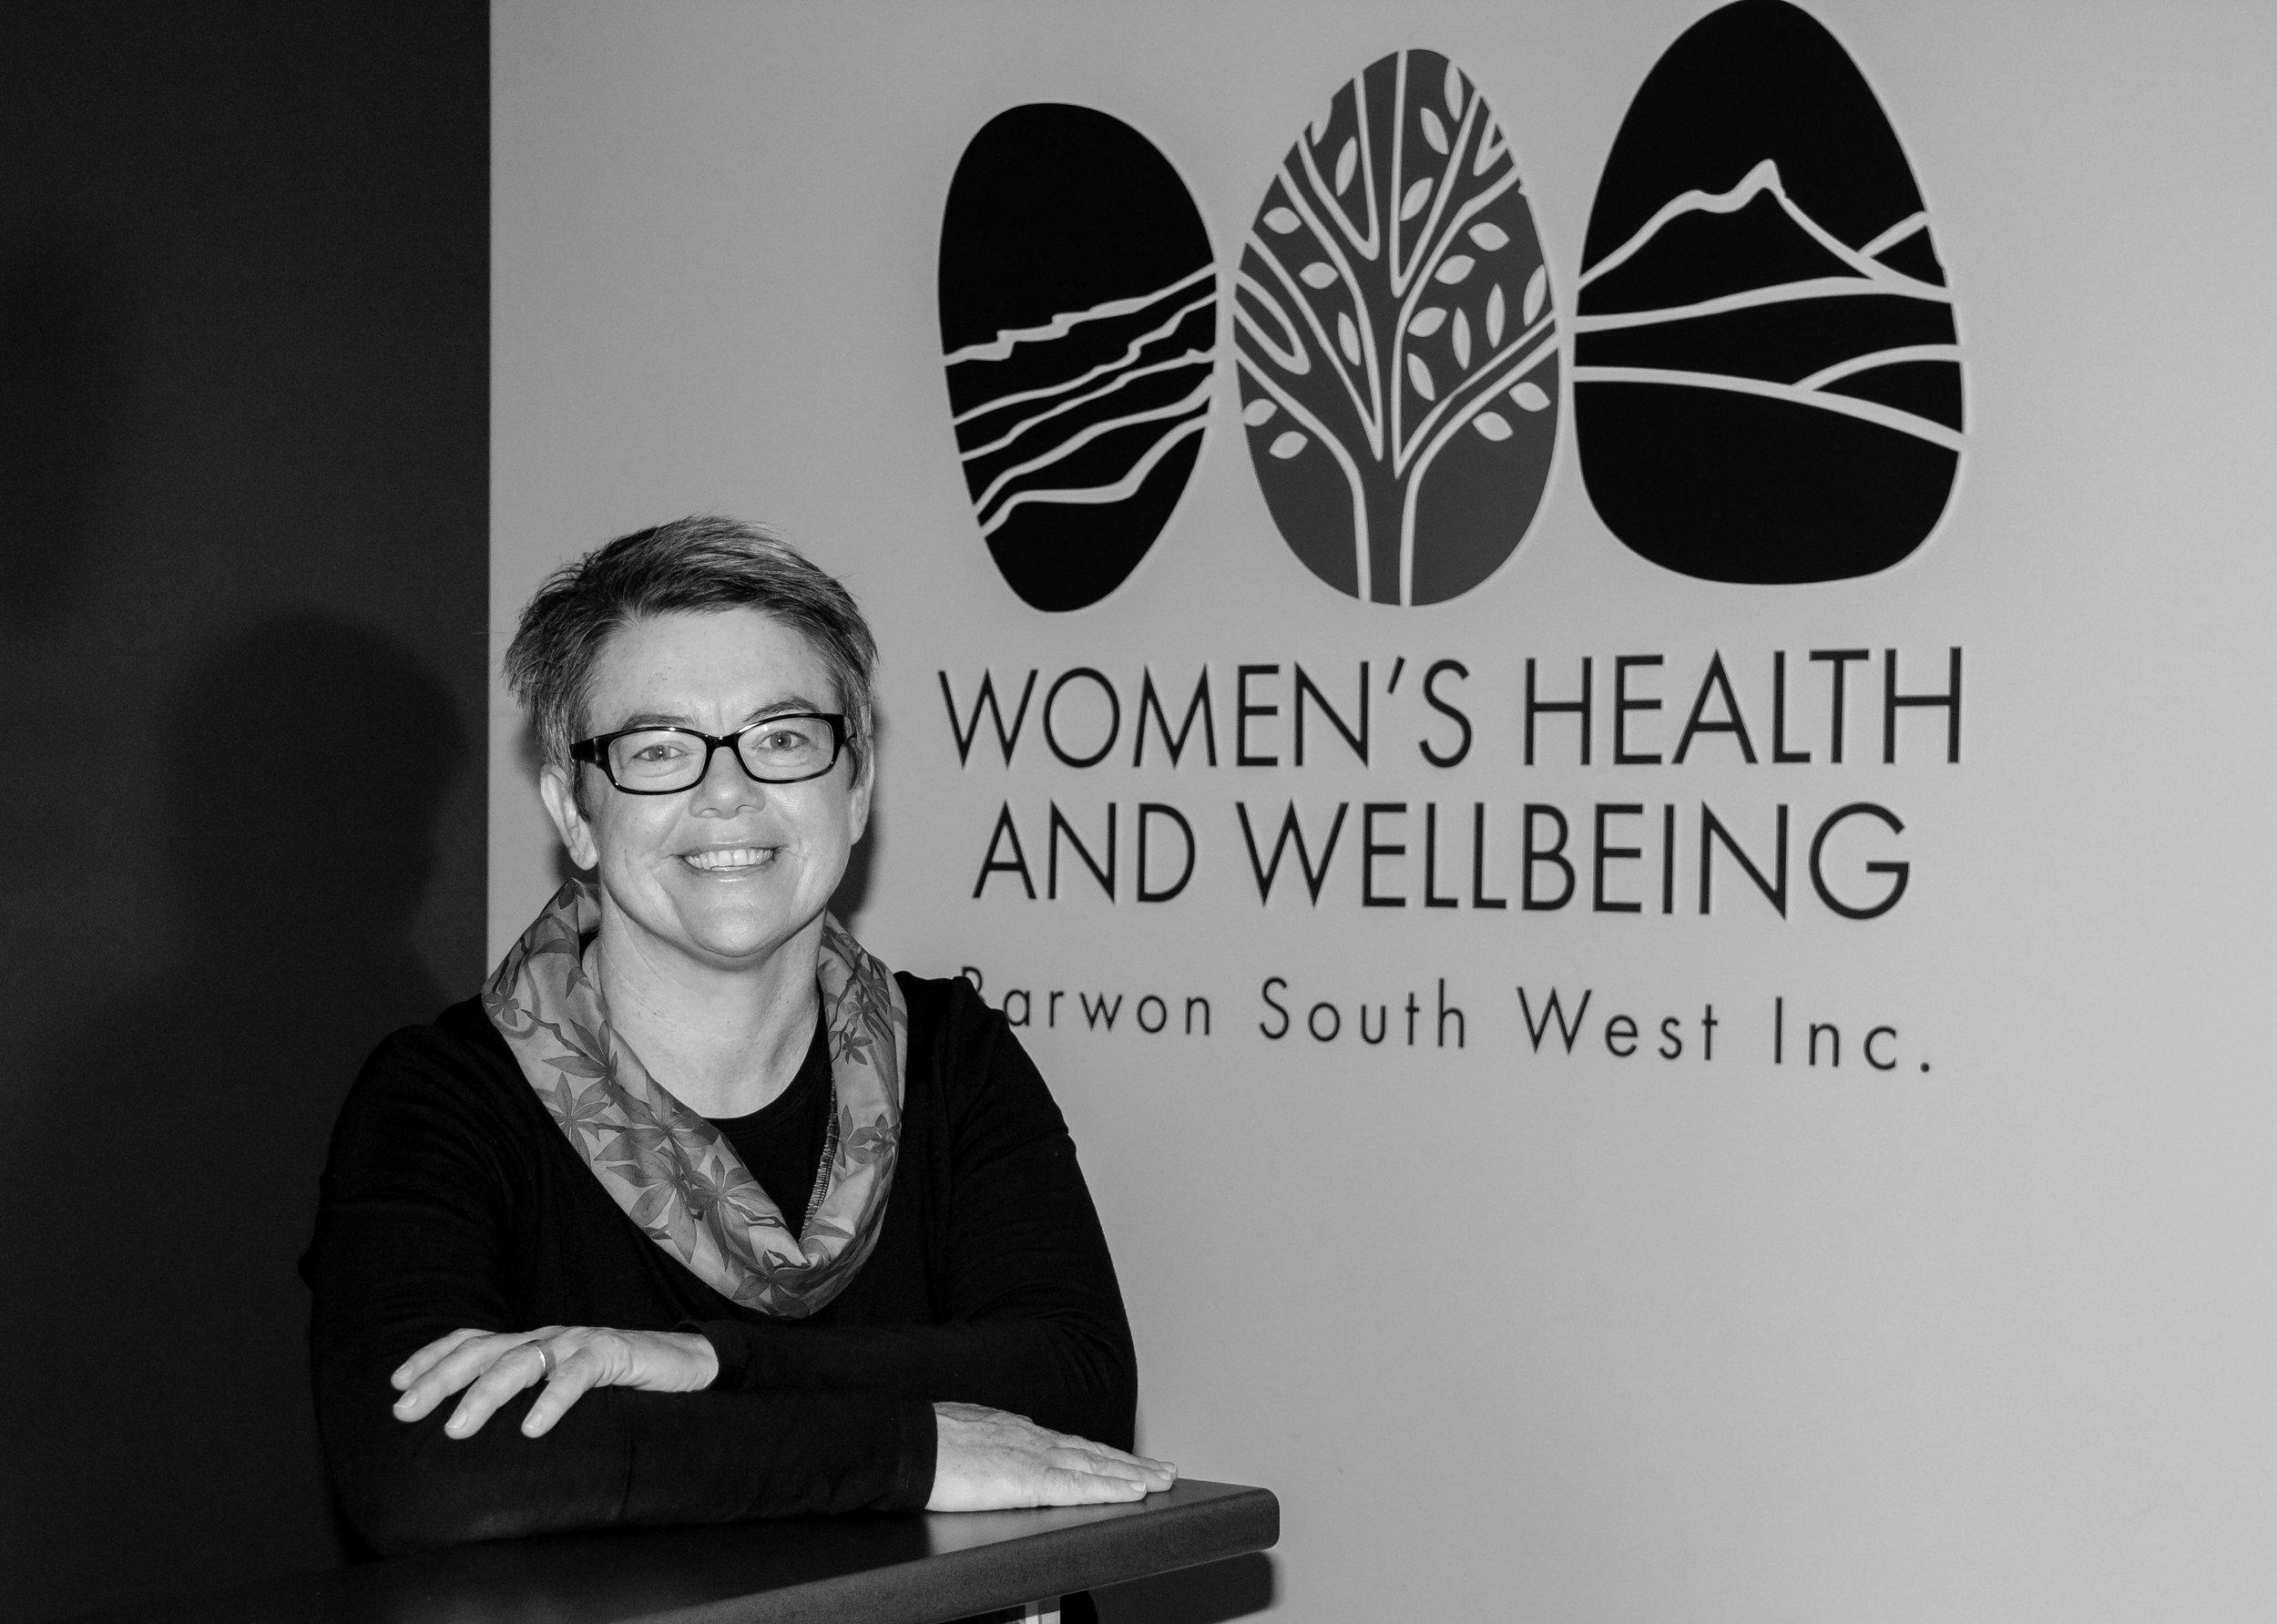 Emma mahony - Chief Executive Officer